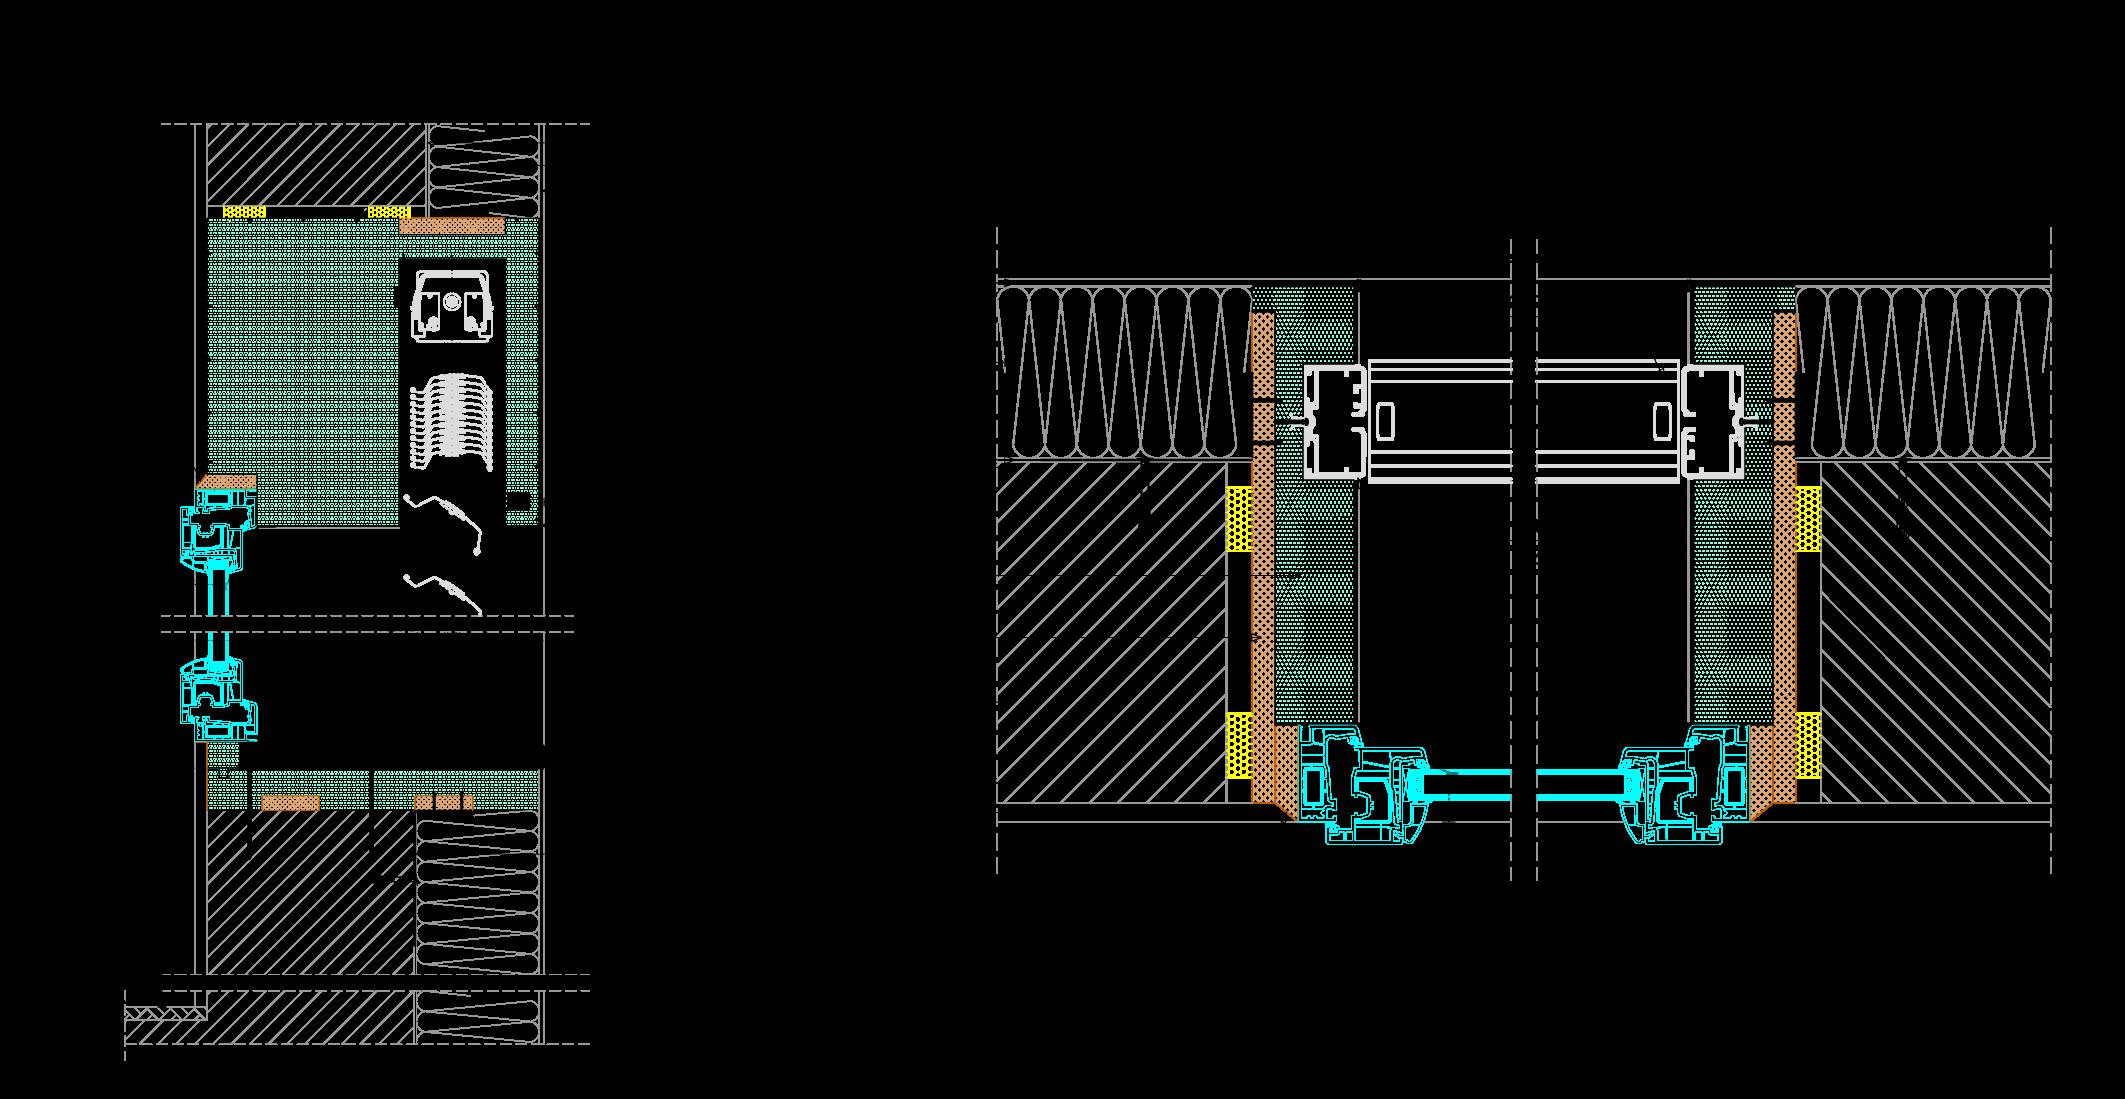 monoblocchi-vblock-3